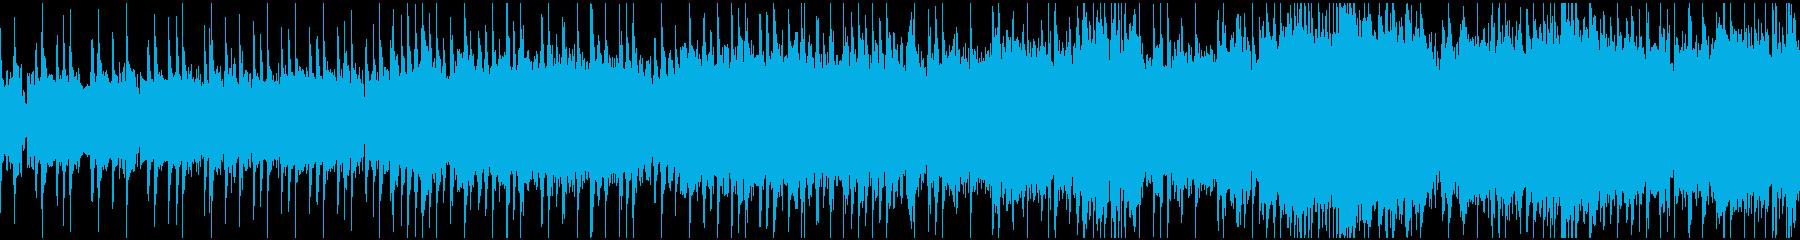 ガッツリ ワイルドなギターサウンドの再生済みの波形